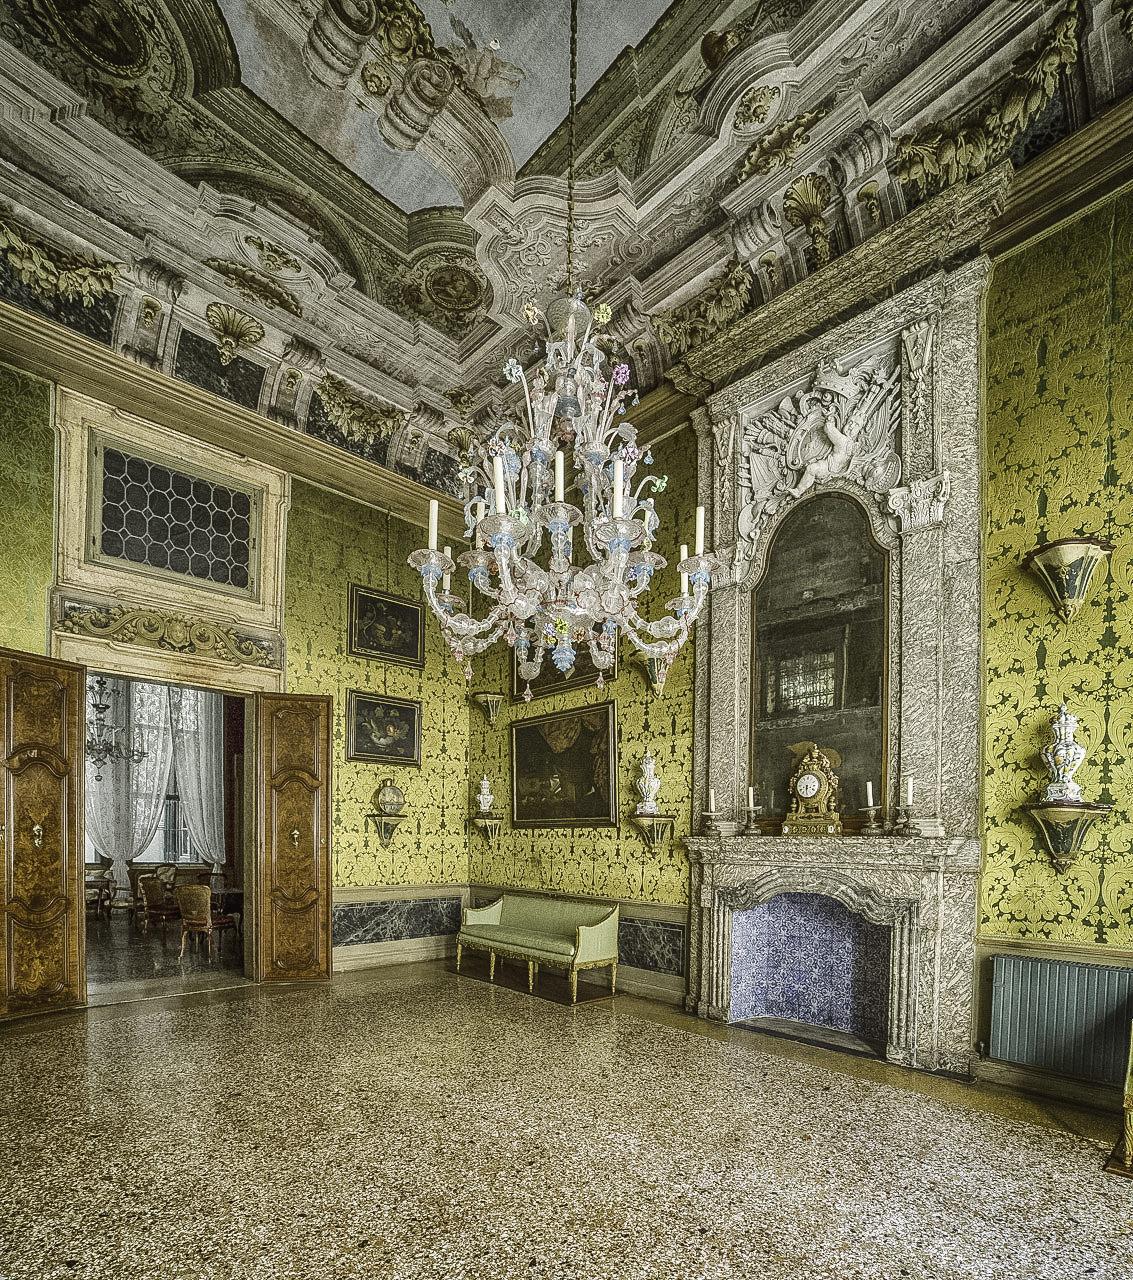 Palazzo Pisani Moretta, Fireplace Hall